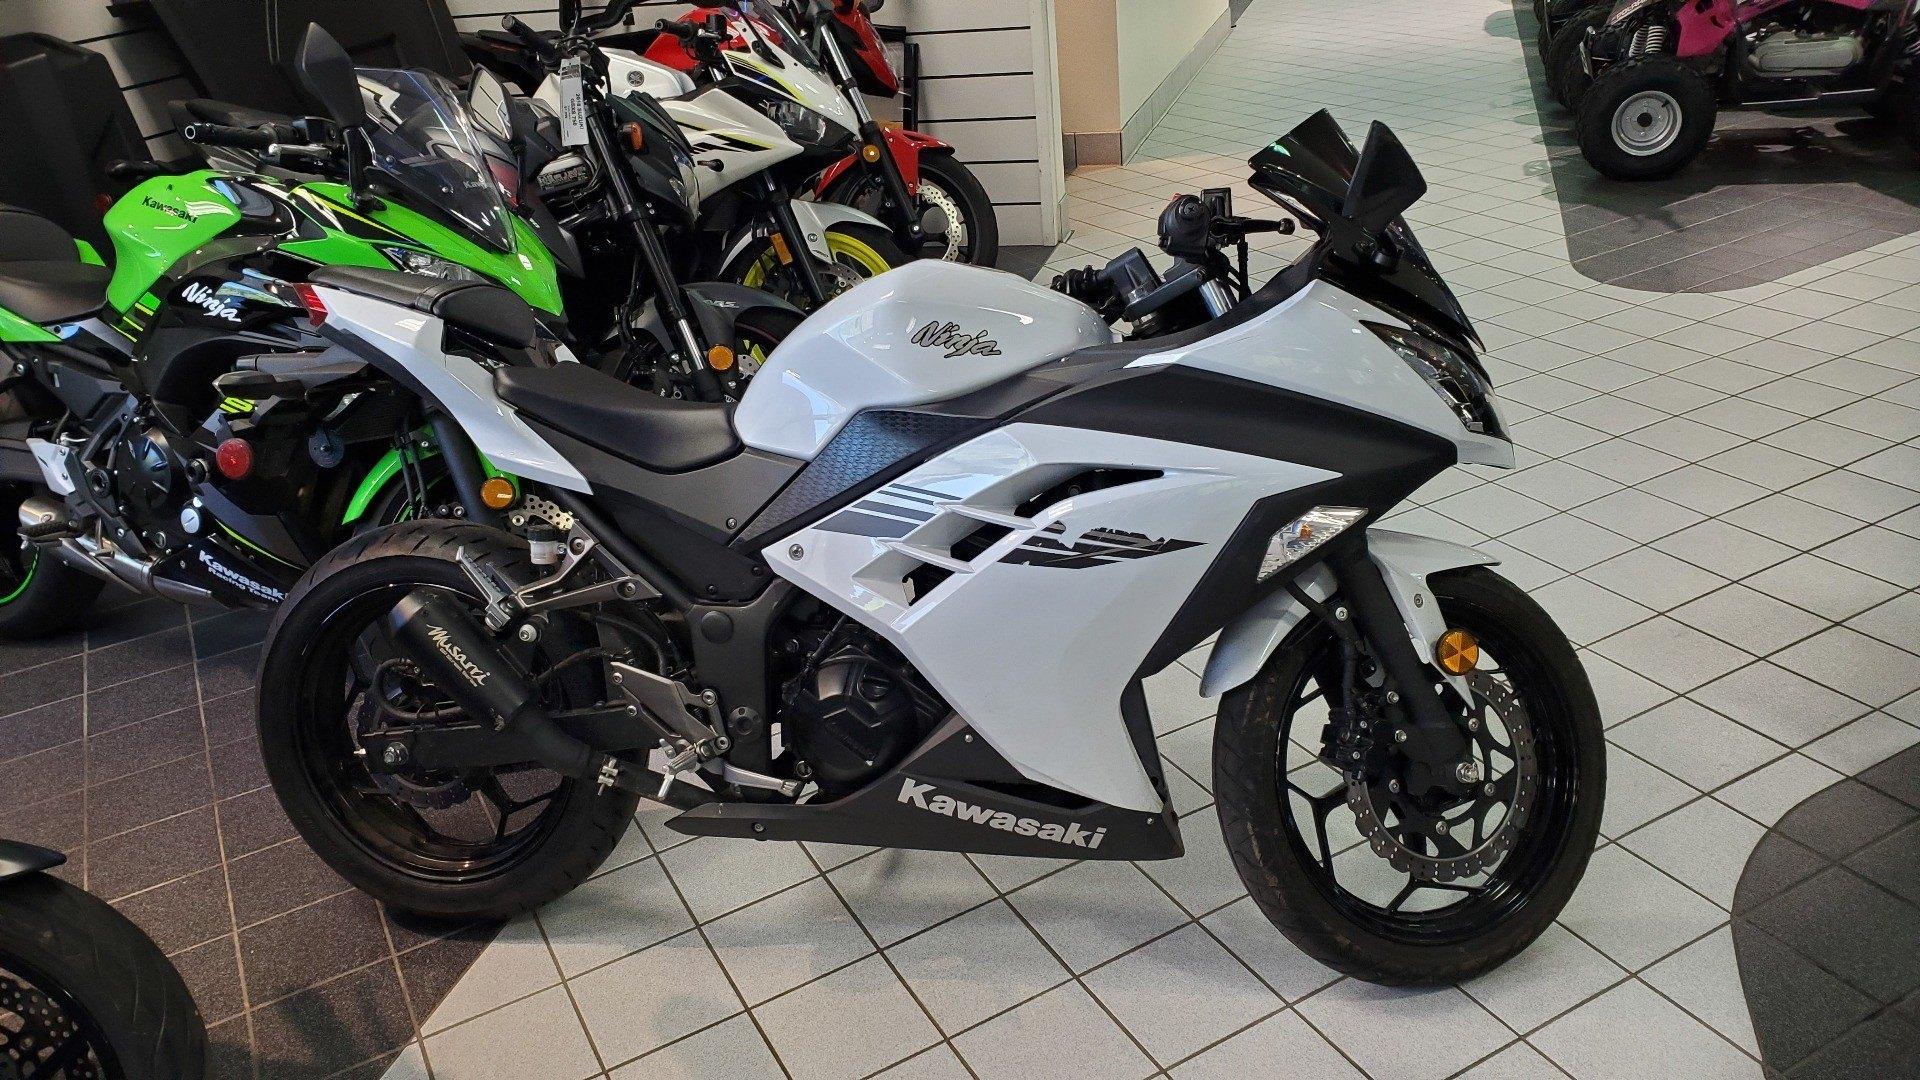 Used 2017 Kawasaki Ninja 300 Motorcycles In Asheville Nc Pearl